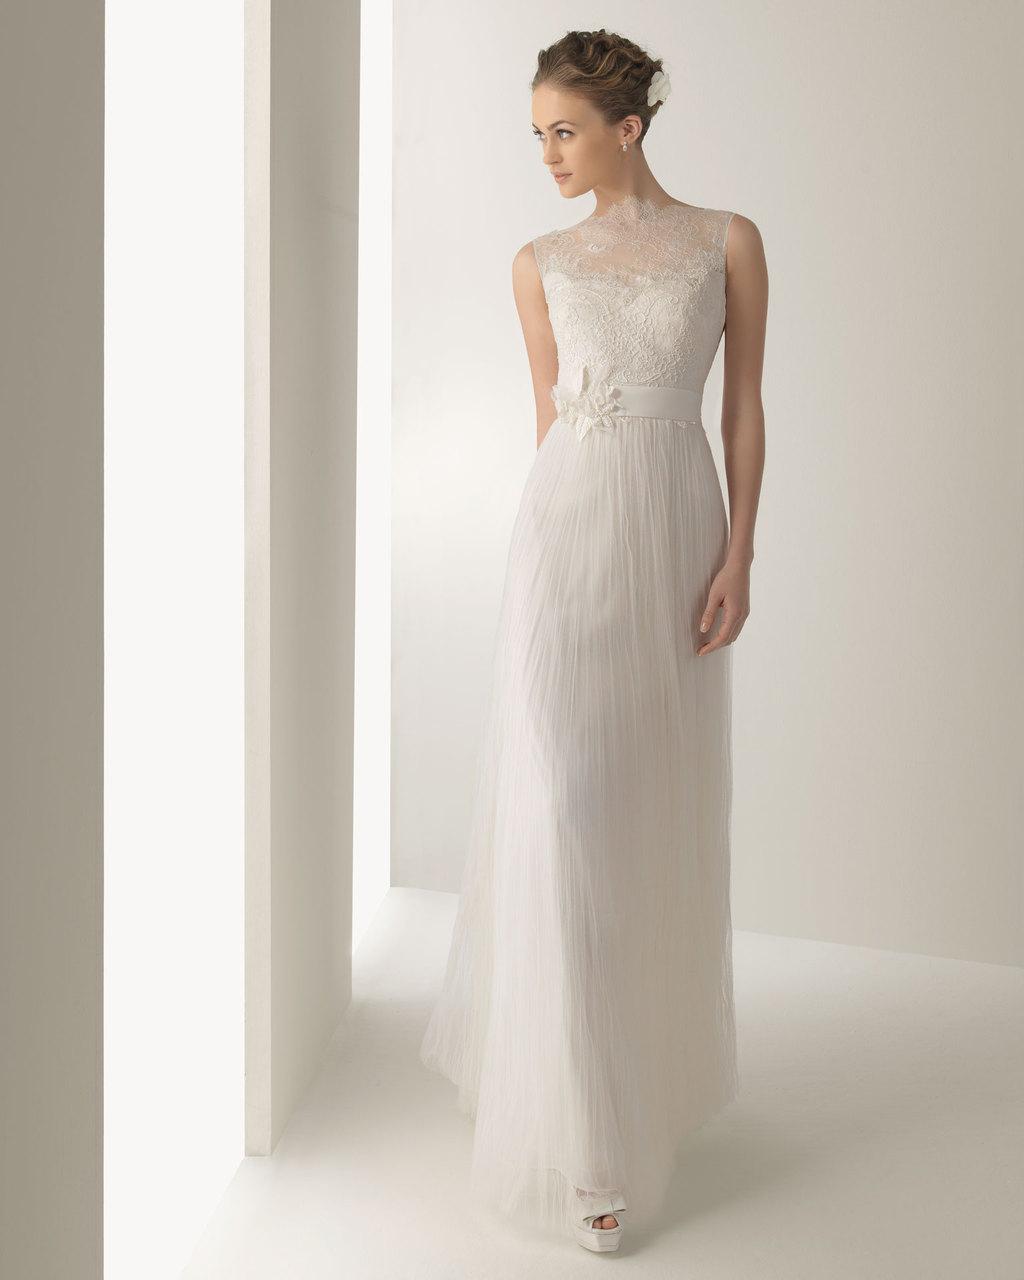 2013-wedding-dress-soft-by-rosa-clara-bridal-gowns-juglar.full